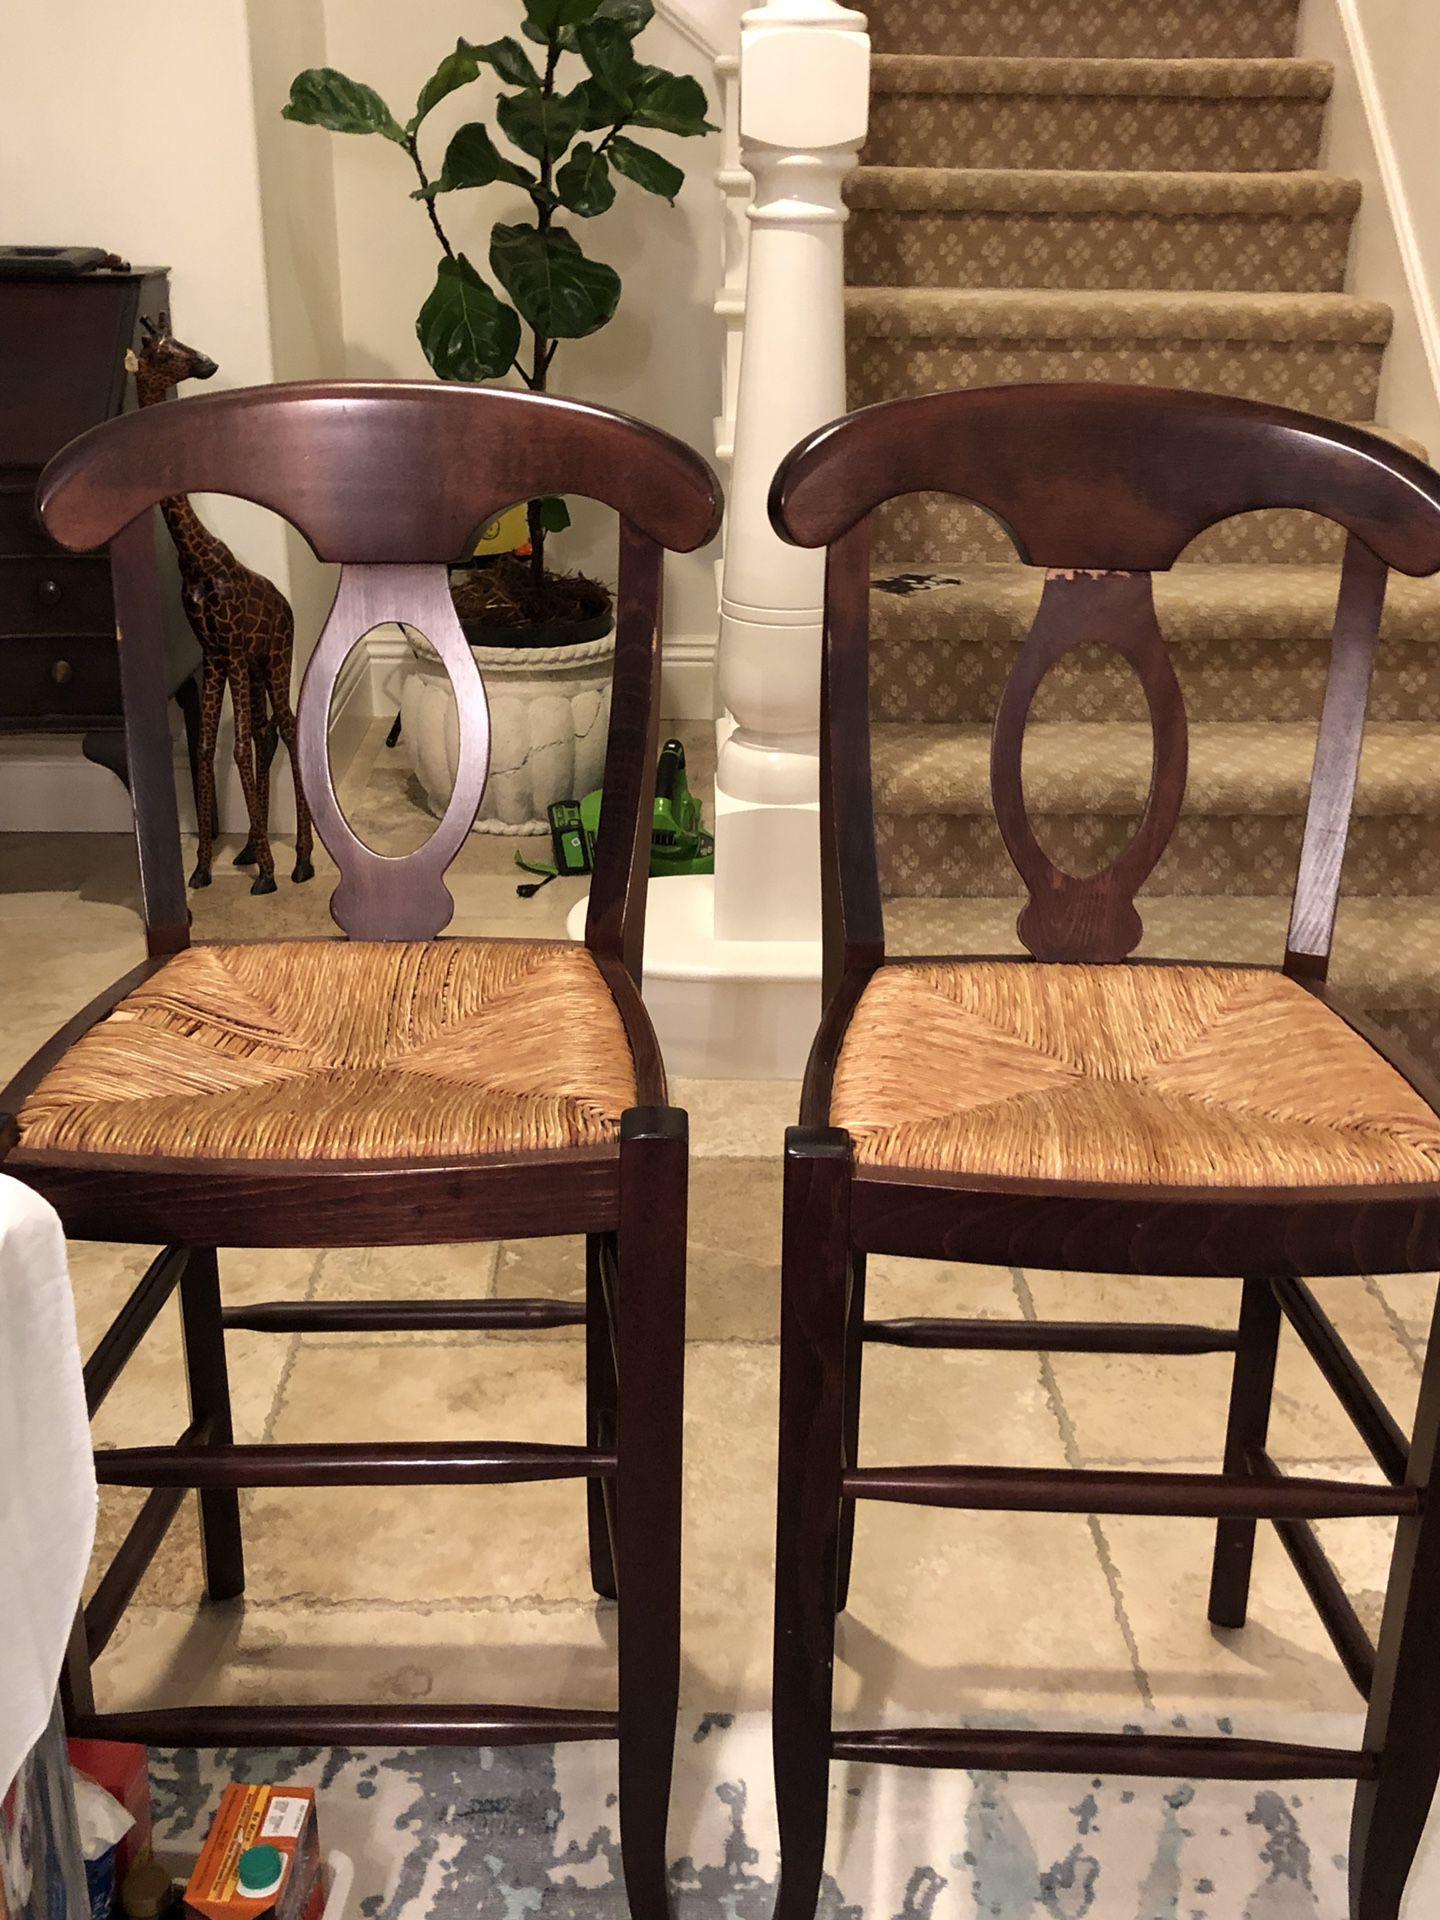 Potterybarn bar stools